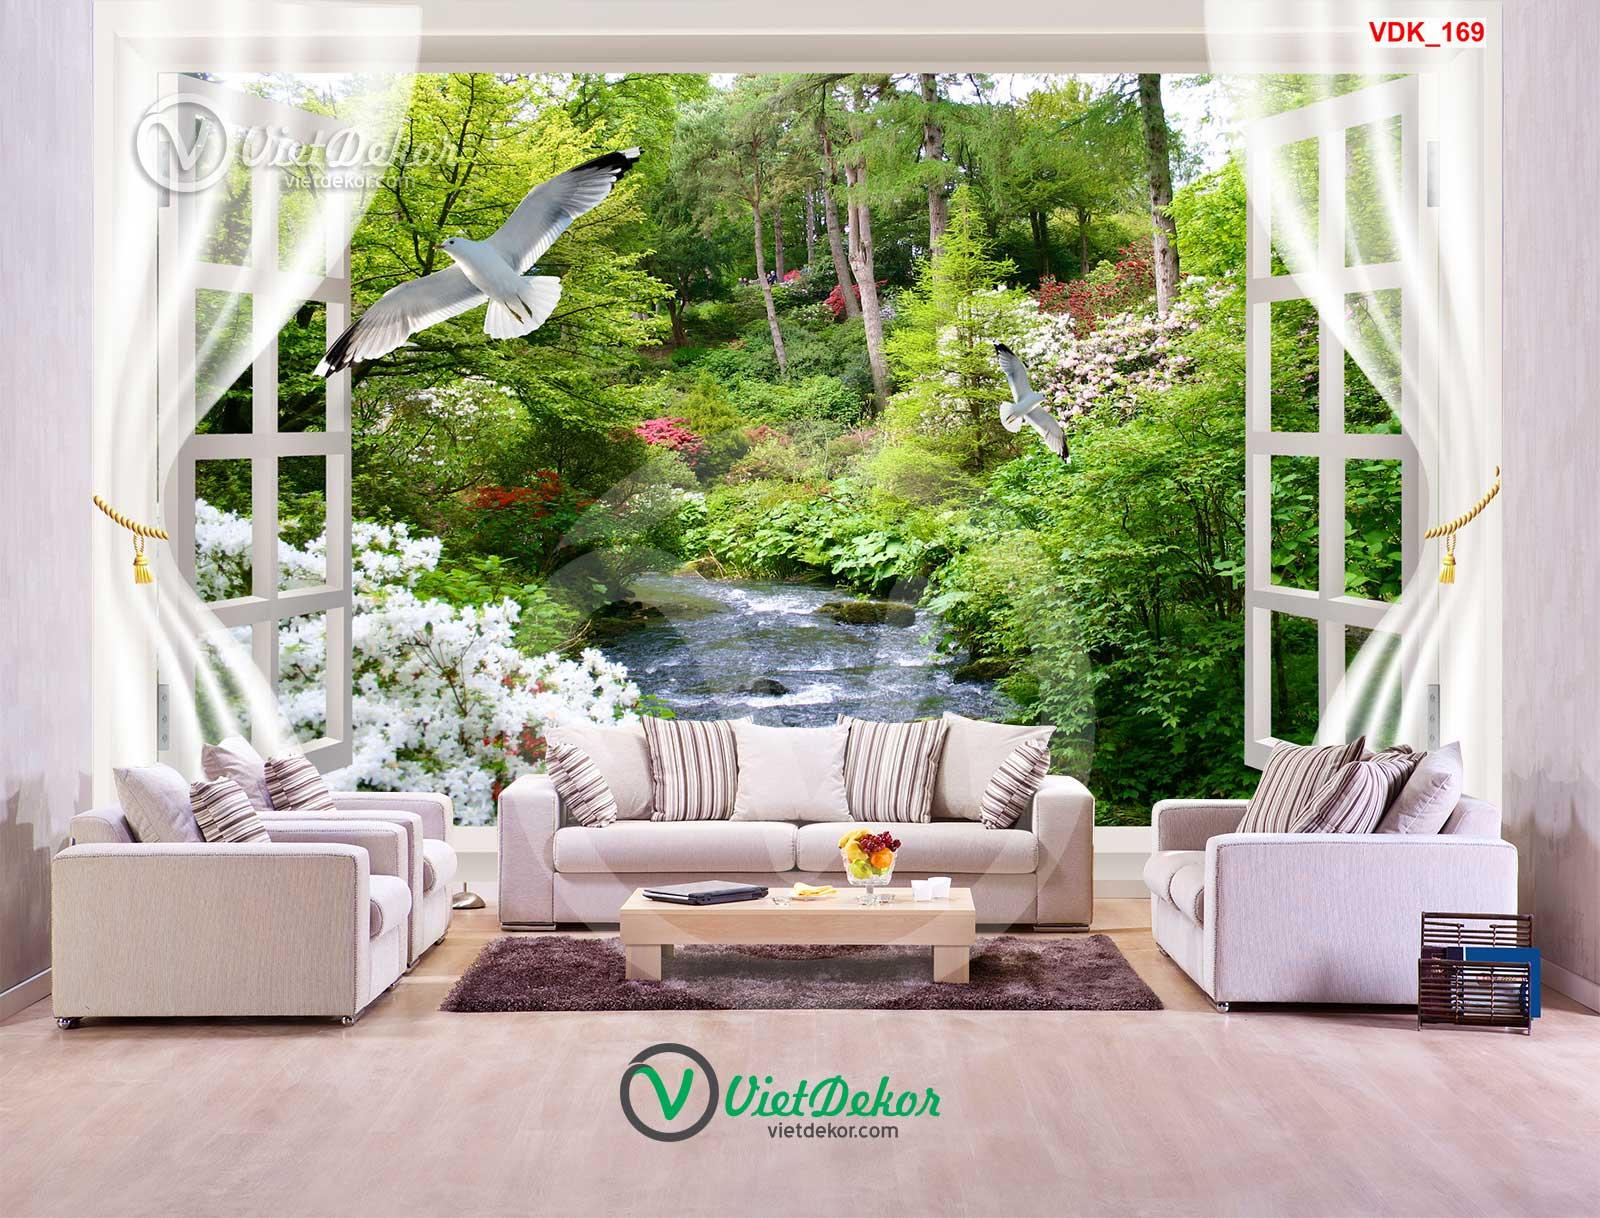 Tranh dán tường 3d cửa sổ hoa thác nước